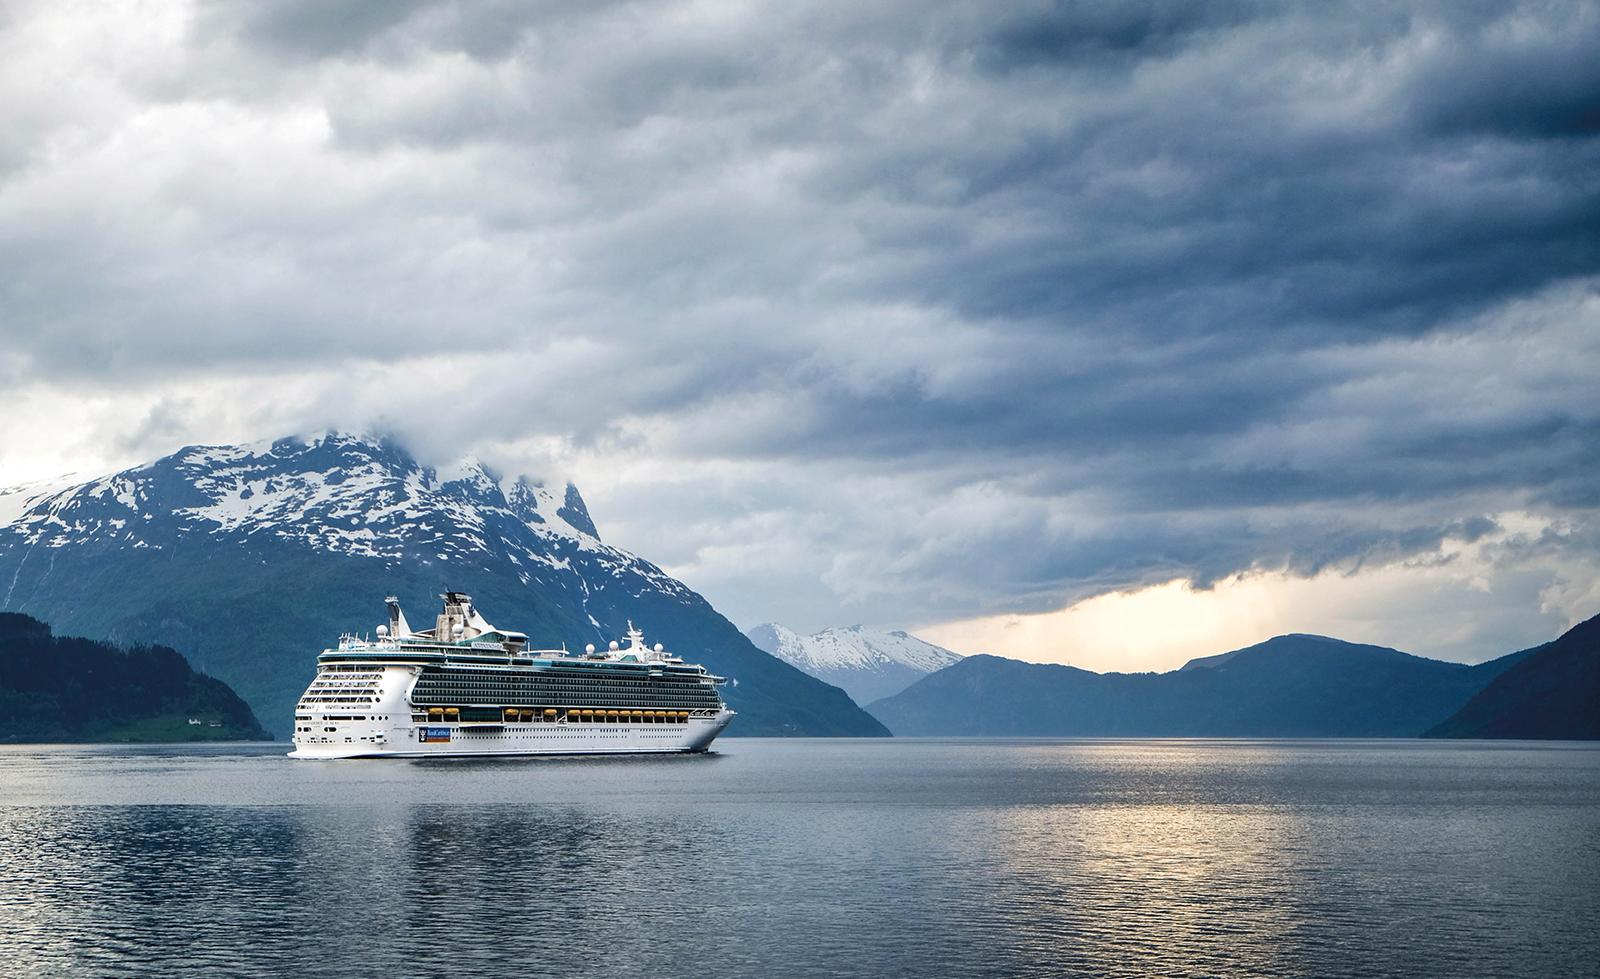 Schiff auf einer Kreuzfahrt vor Gebirge.